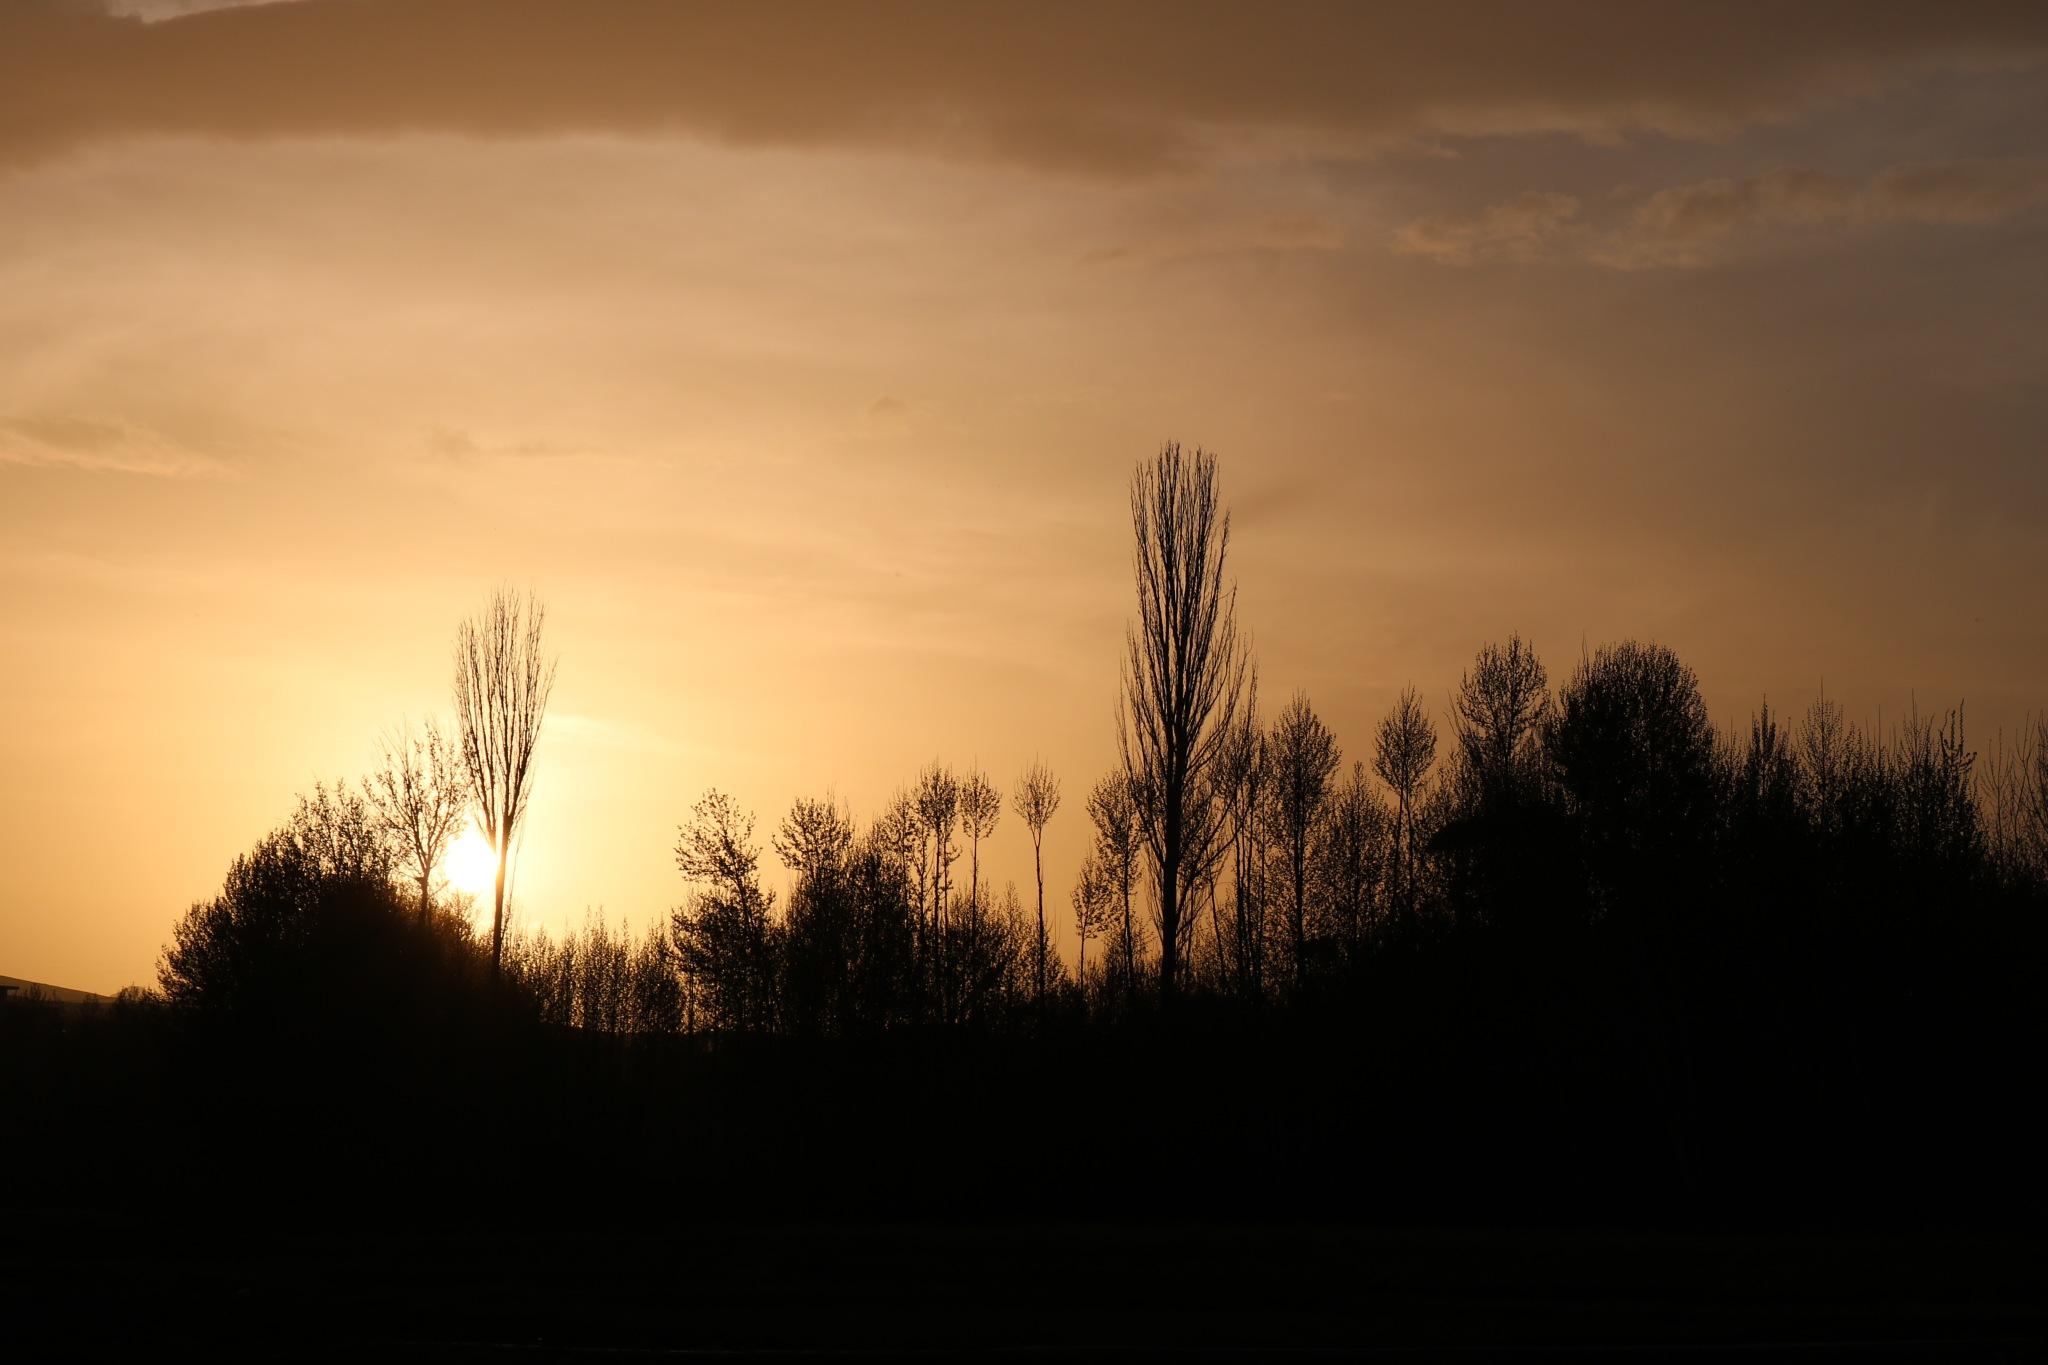 #sunset by Mahsa